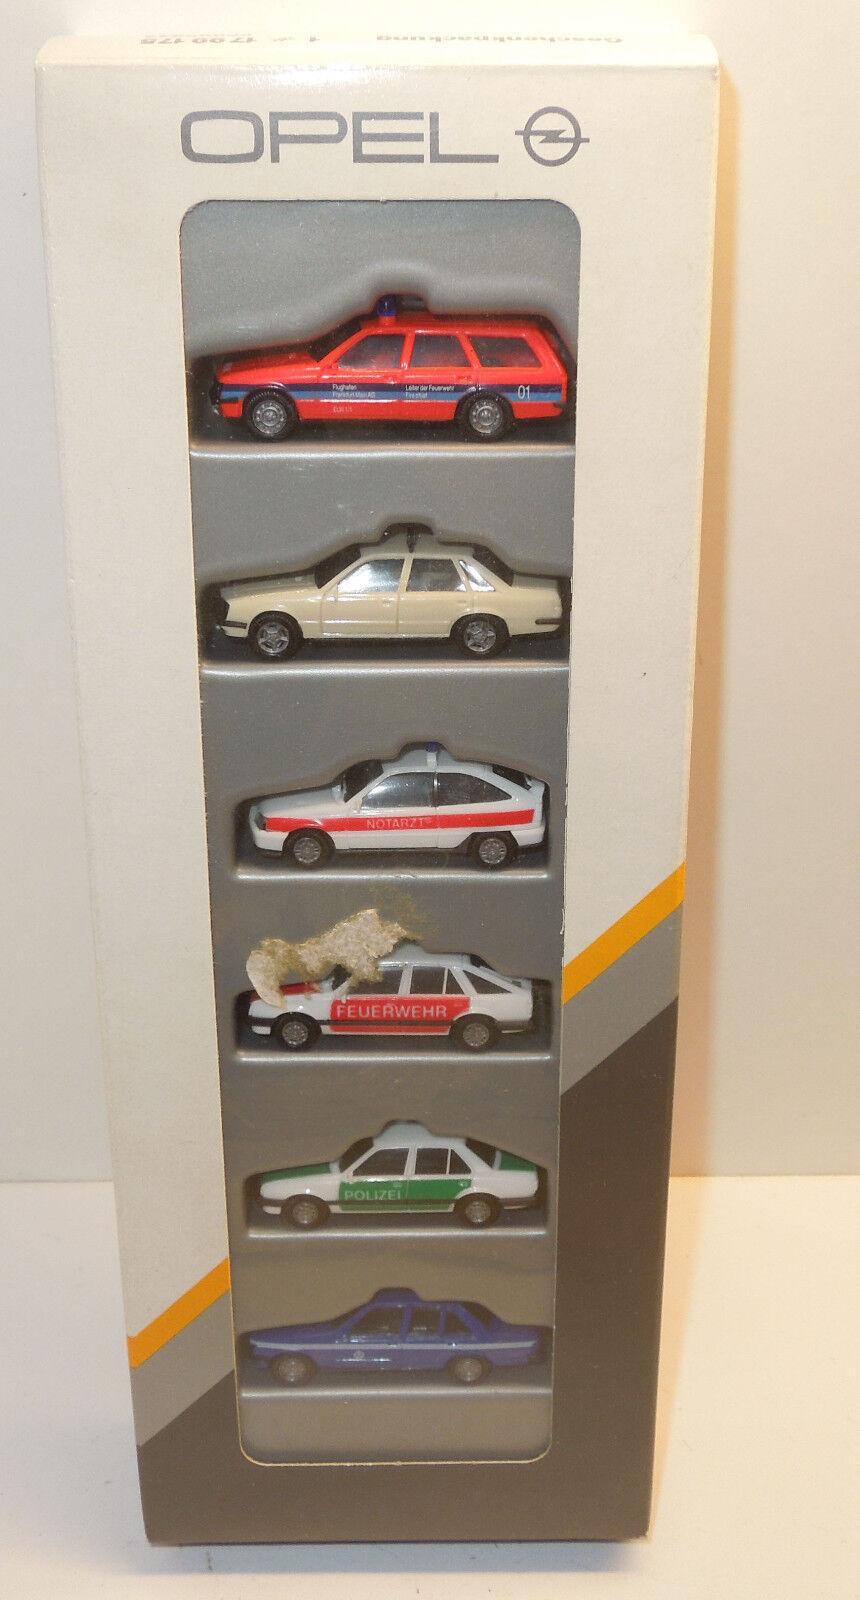 Opel Opel Opel h0 1 87 regalo envase - 1799175-utilización de vehículos 571493